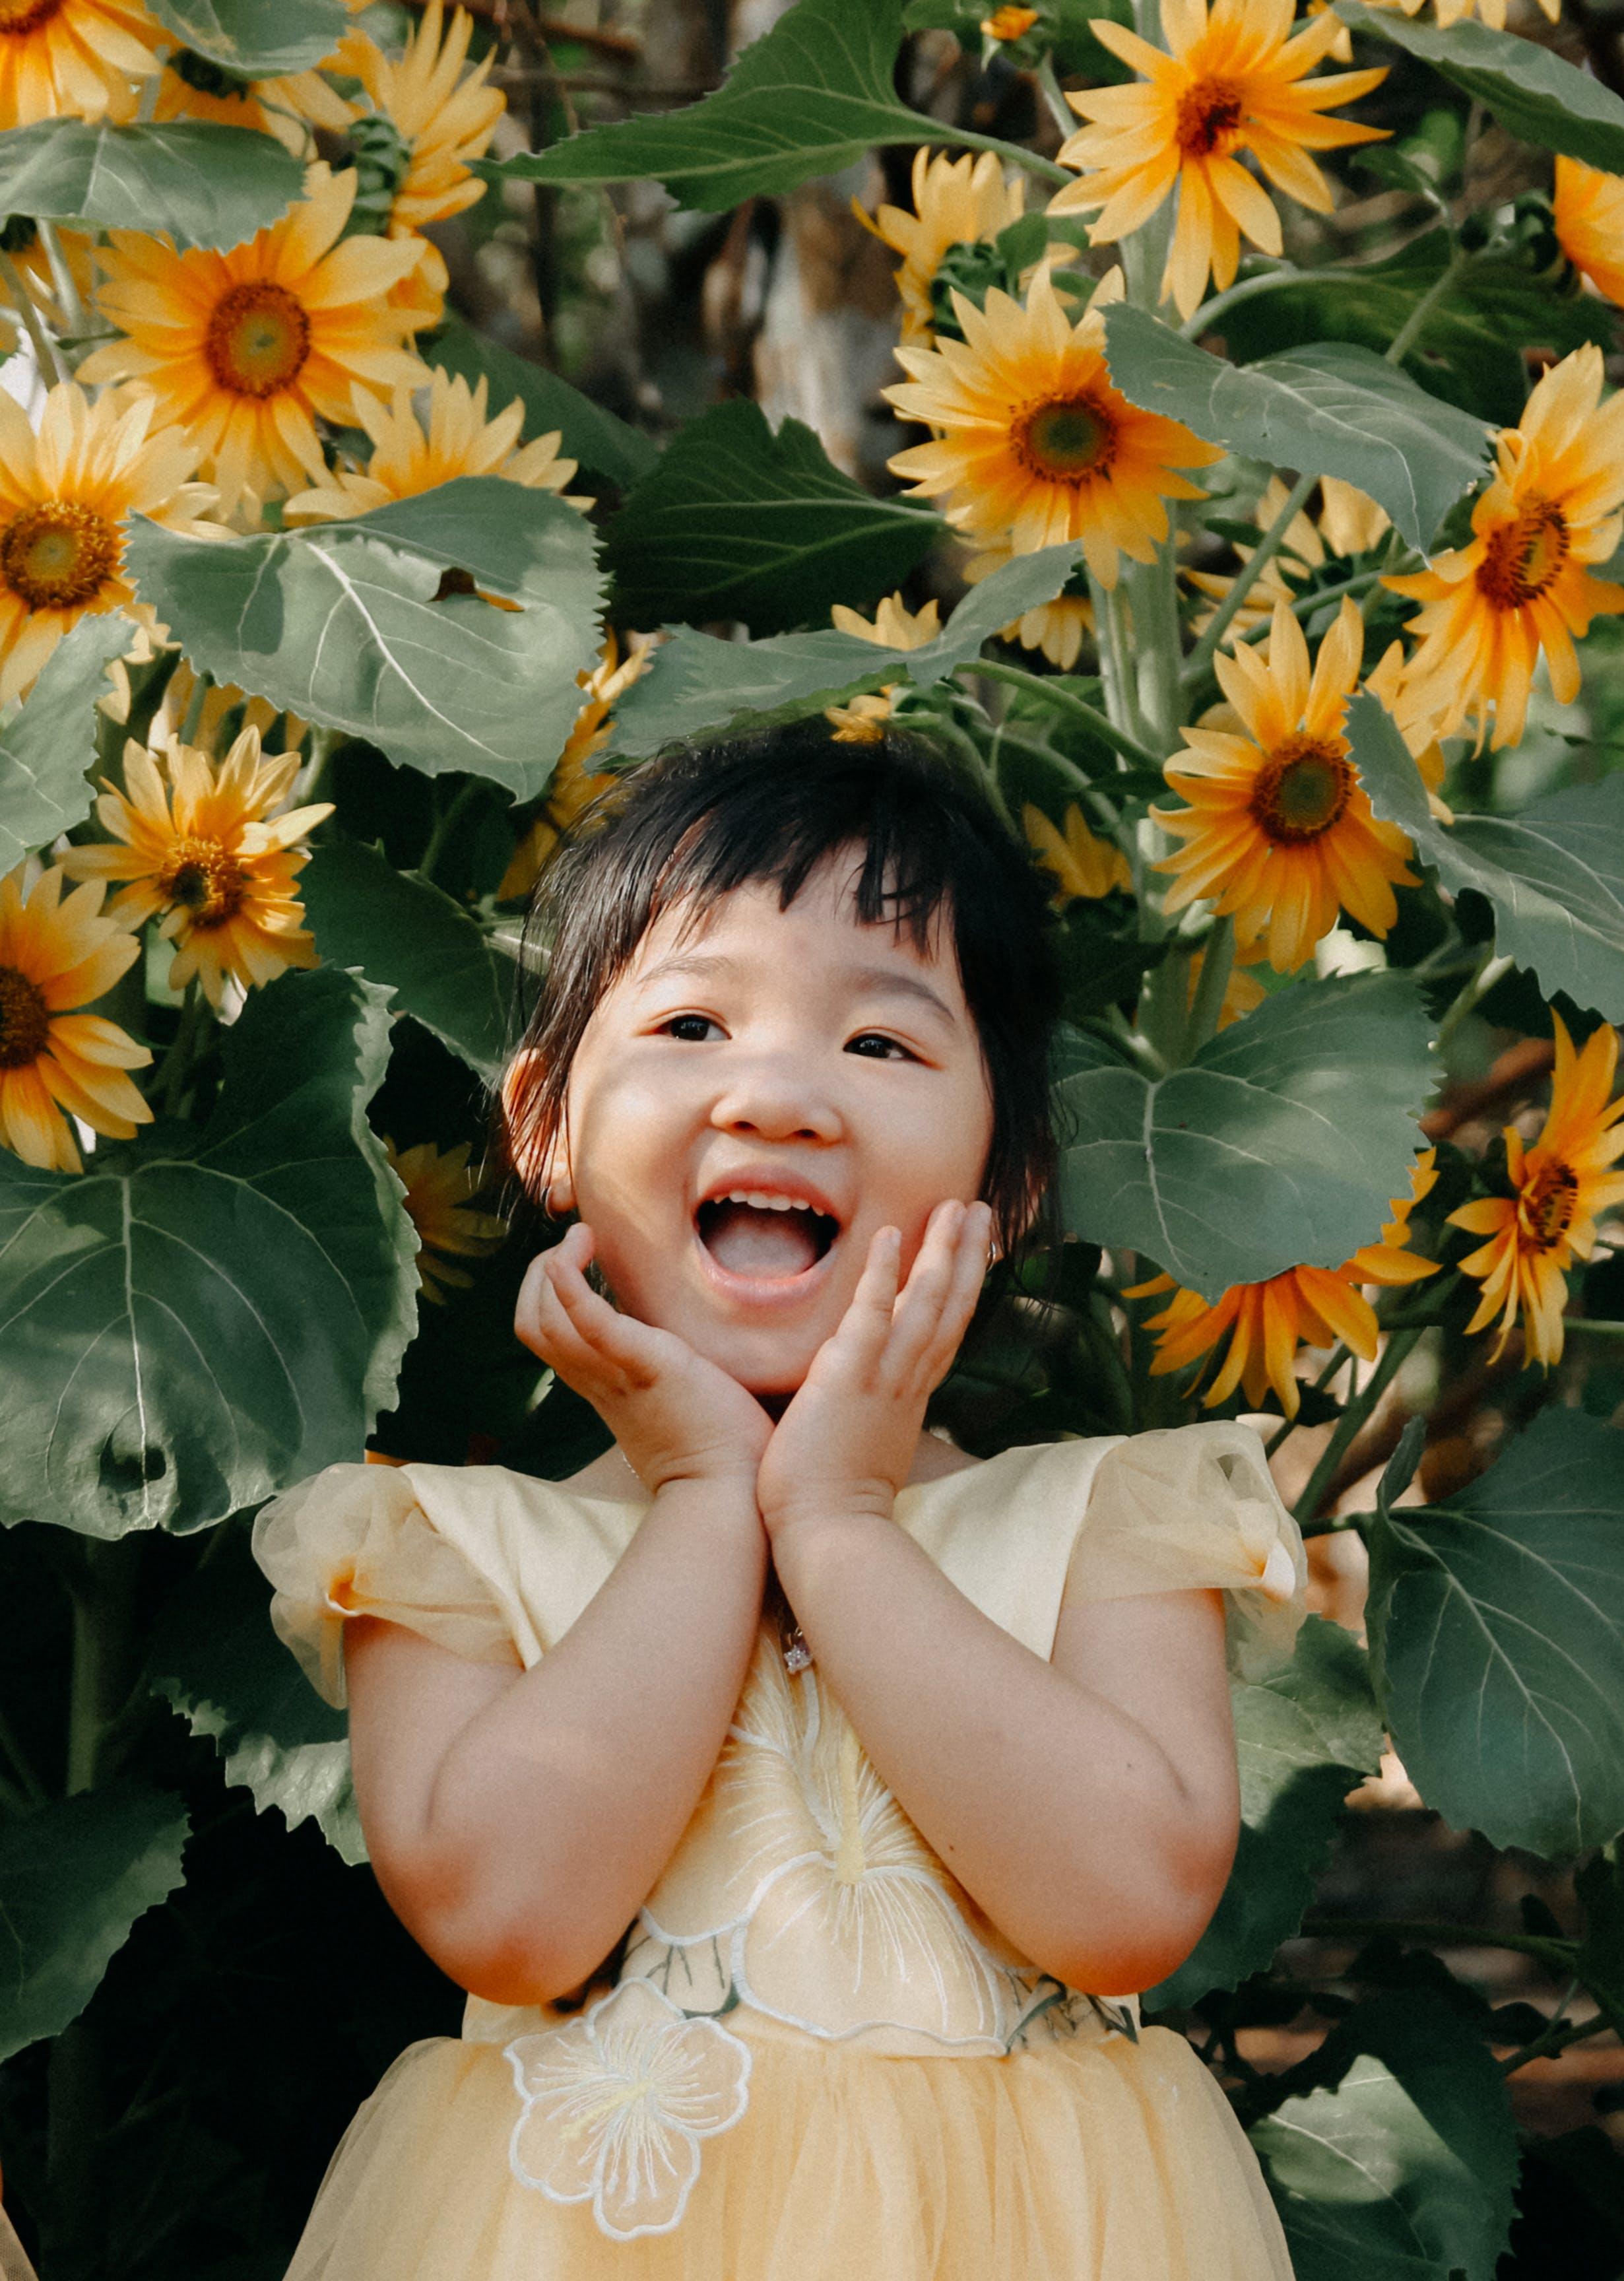 Kostenloses Stock Foto zu baby, blumen, freude, garten